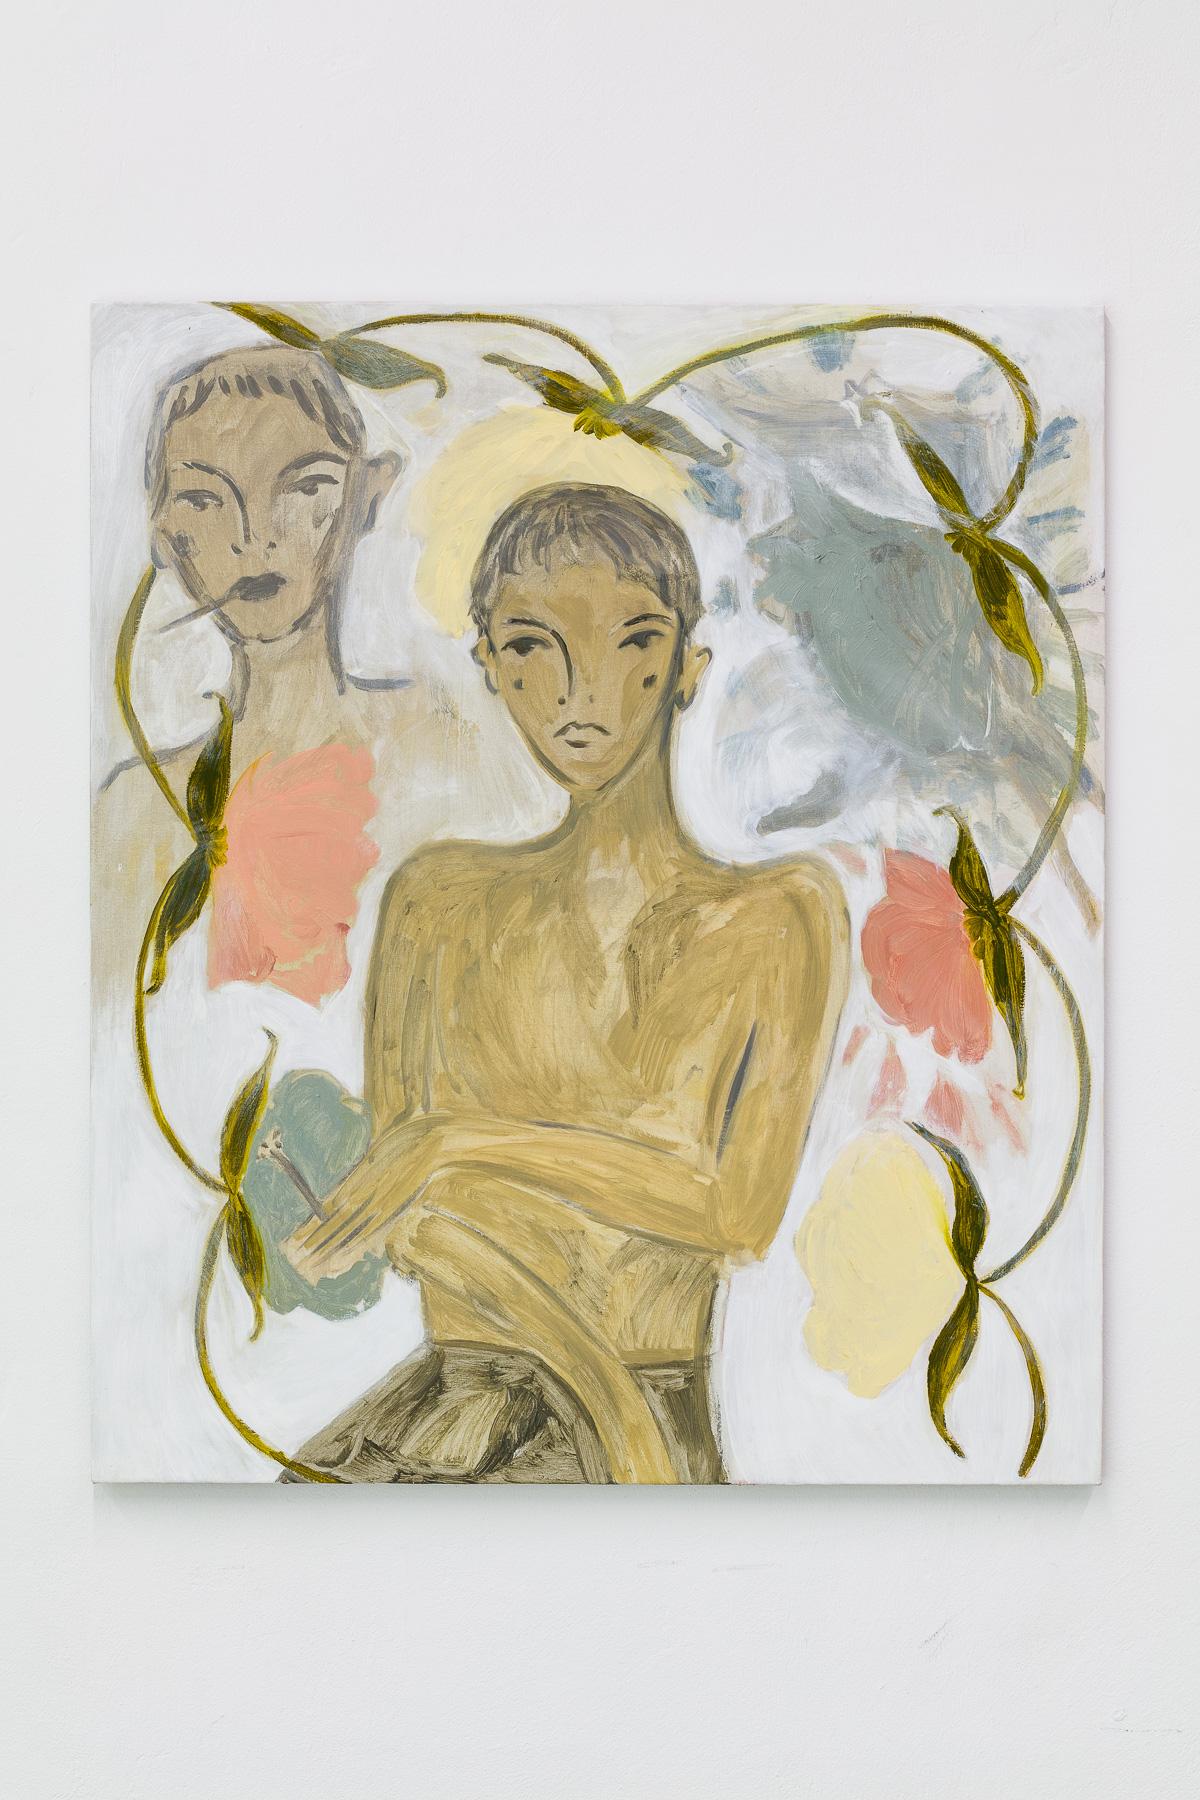 Sonnet for A Winter Flower, 2020 Oil on linen 107 x 91 cm 42 1/8 x 35 7/8 in